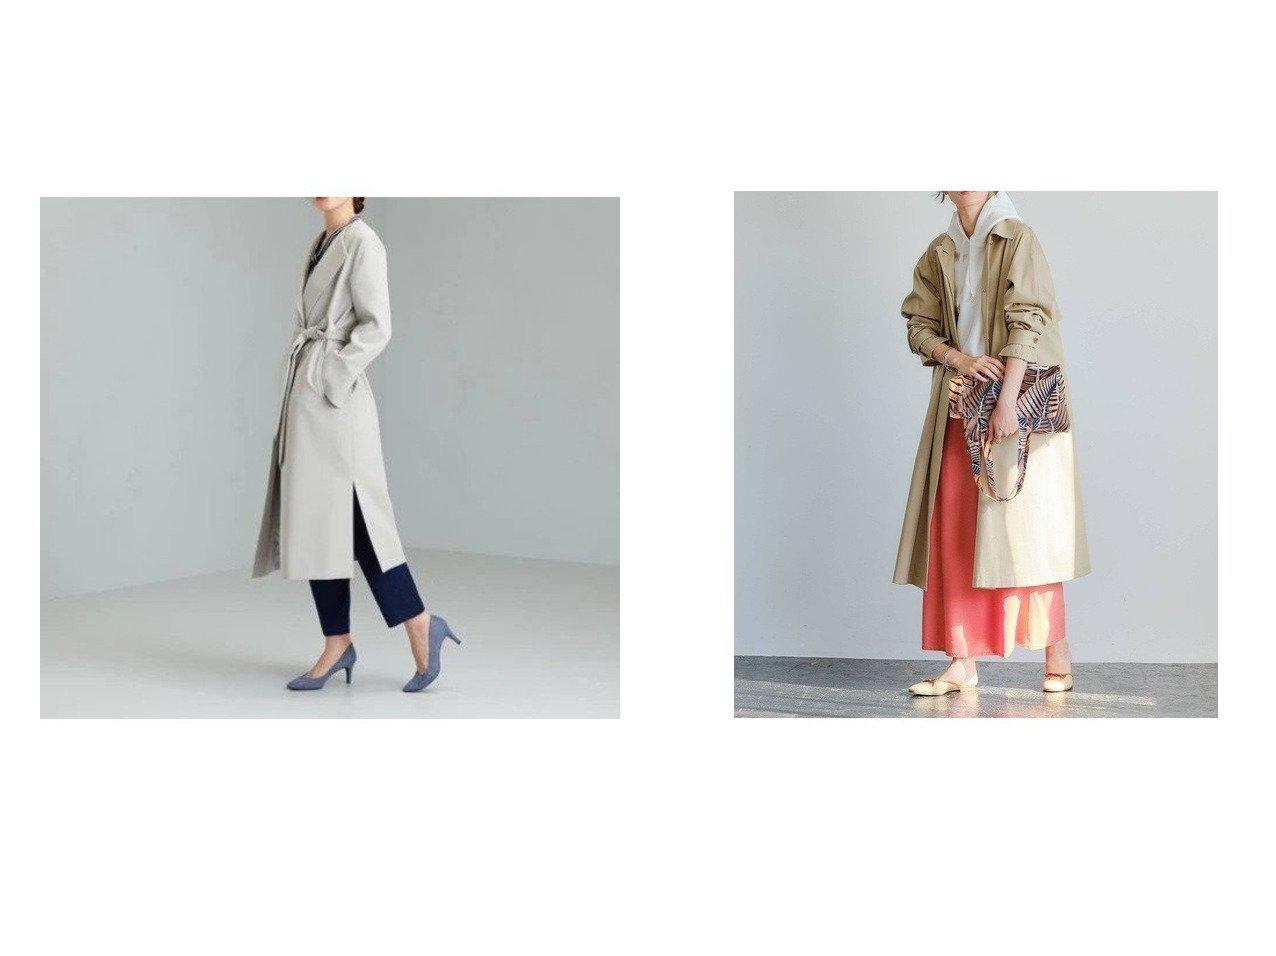 【green label relaxing / UNITED ARROWS/グリーンレーベル リラクシング / ユナイテッドアローズ】のSC Aライン ステンカラー コート&[ 手洗い可能 ] CS ツイル ラップ コート UNITED ARROWSのおすすめ!人気、トレンド・レディースファッションの通販 おすすめで人気の流行・トレンド、ファッションの通販商品 メンズファッション・キッズファッション・インテリア・家具・レディースファッション・服の通販 founy(ファニー) https://founy.com/ ファッション Fashion レディースファッション WOMEN アウター Coat Outerwear コート Coats インナー エアリー 春 Spring ガウン シンプル スリーブ ダウン トレンド 定番 Standard バランス マキシ 秋 Autumn/Fall スリット ツイル ラップ |ID:crp329100000018587